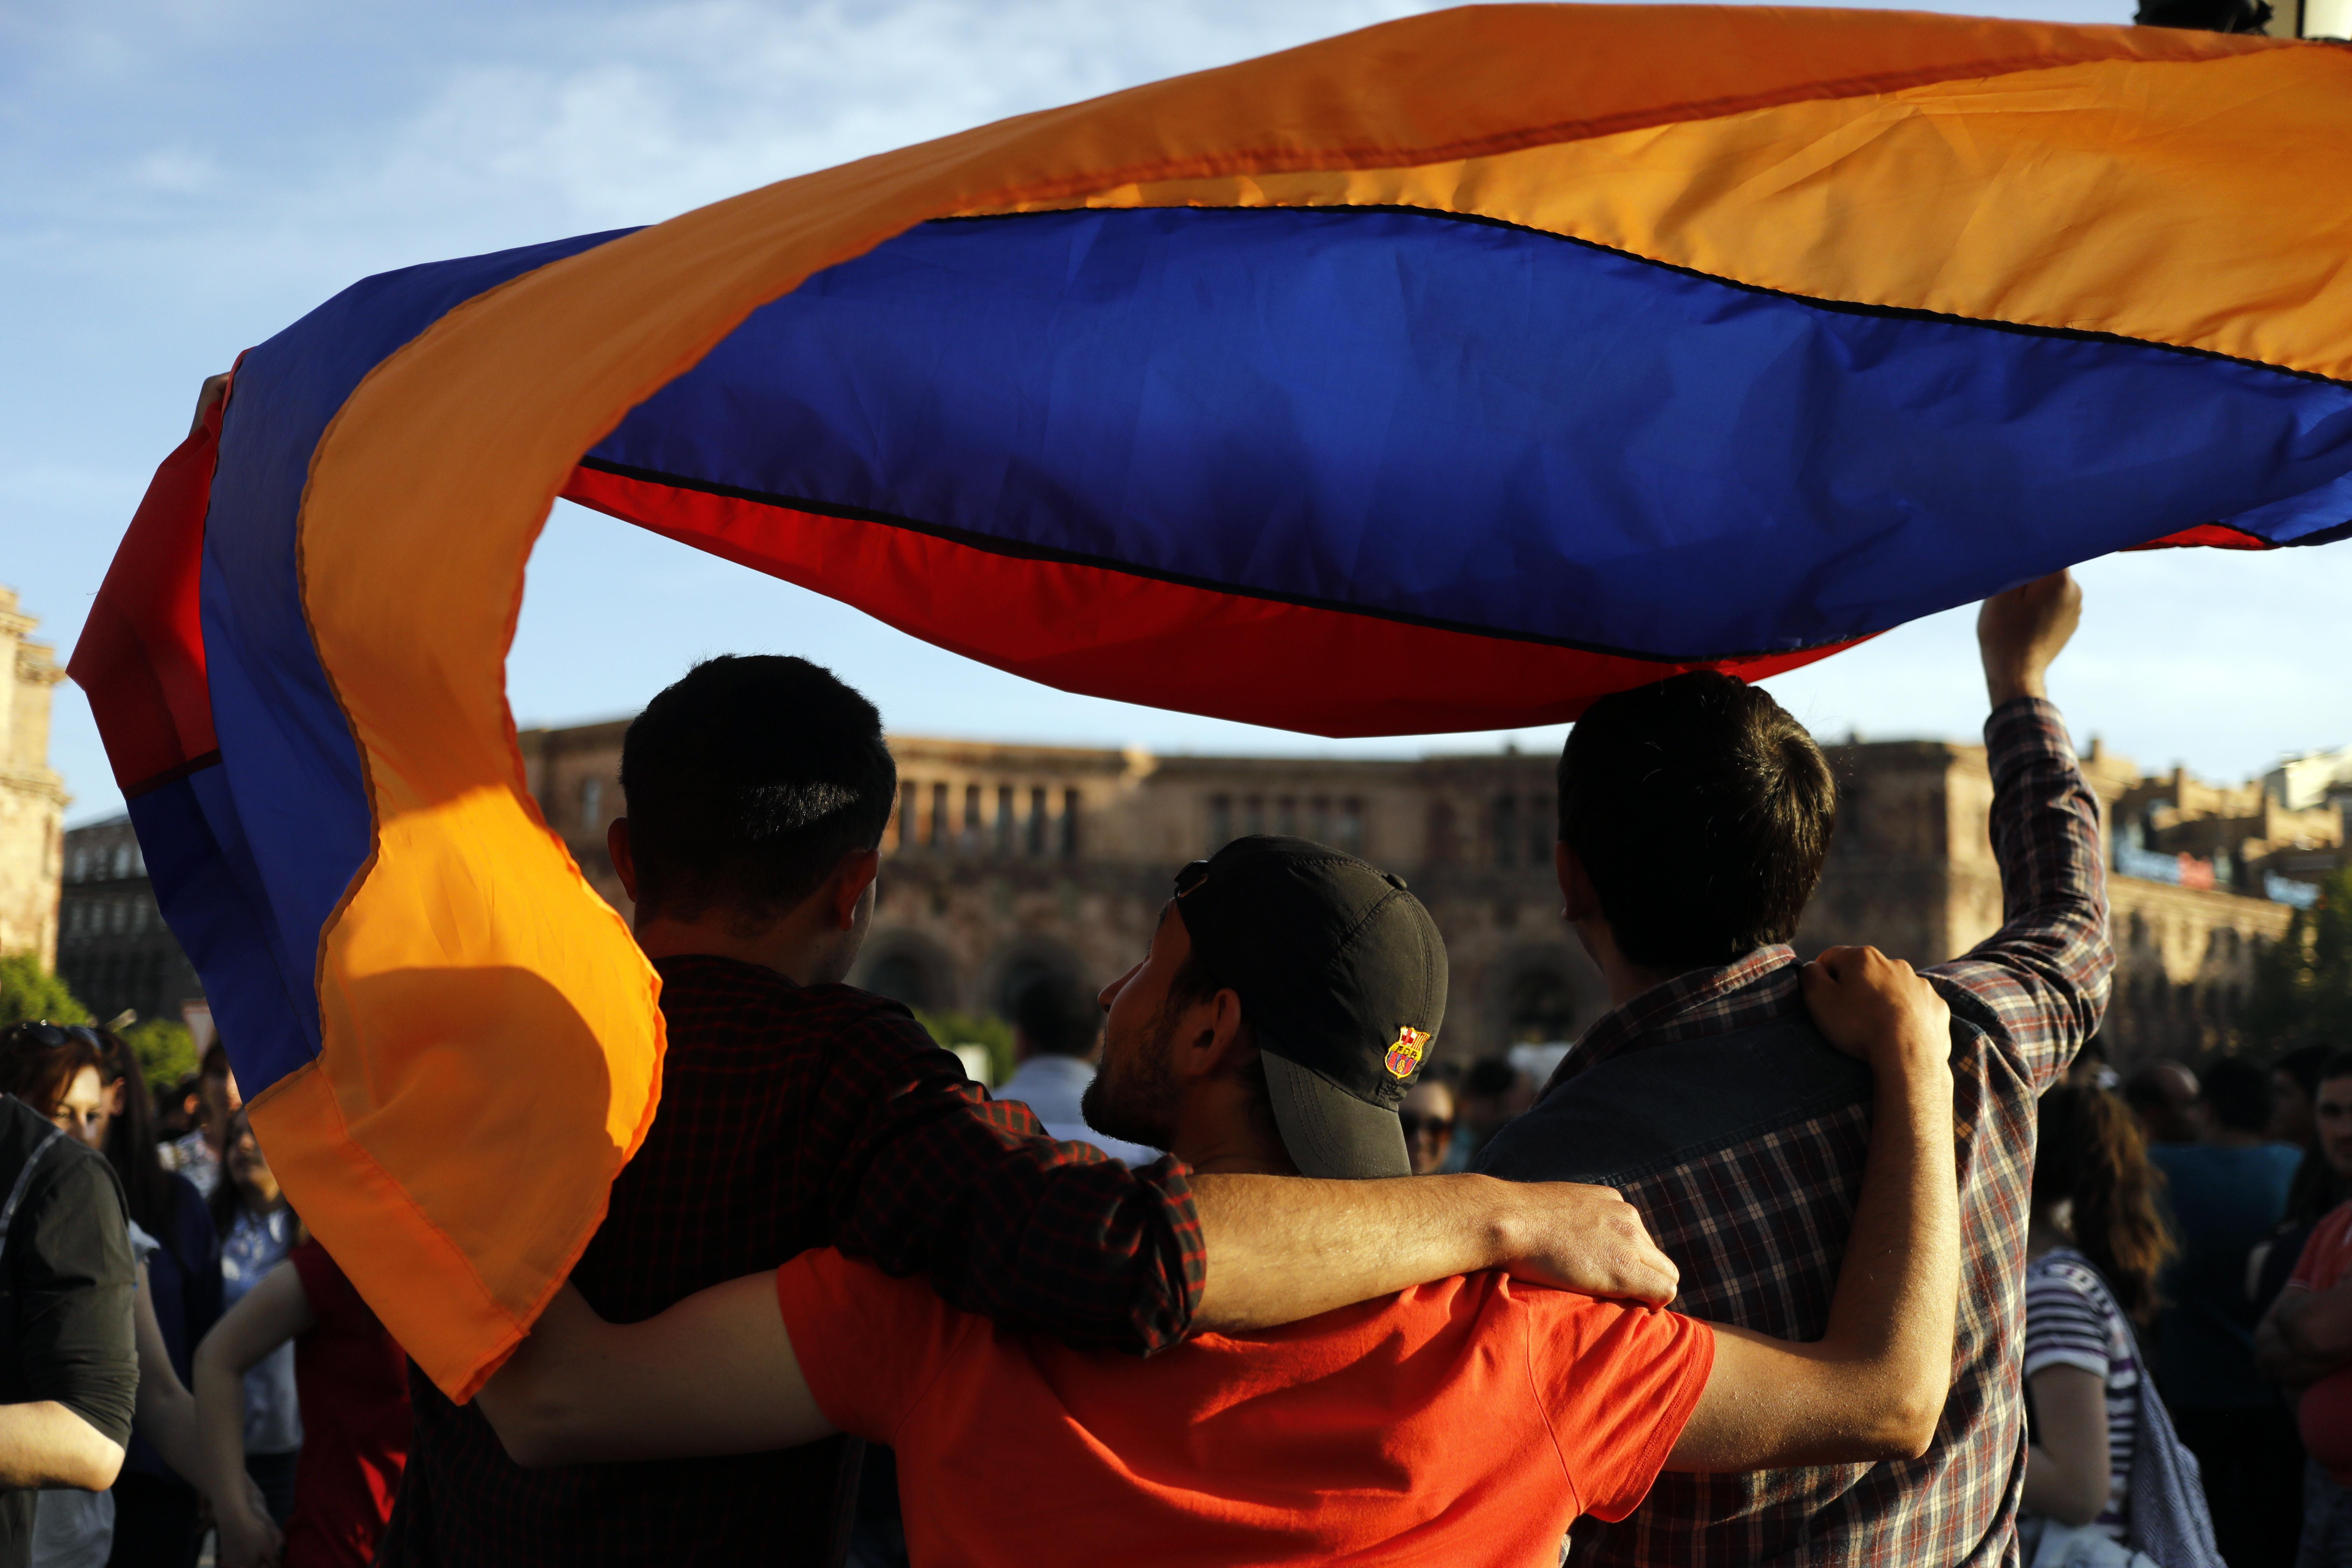 """YEREVAN, ARMENIA - MAY 2, 2018: Waving an Armenian flag at a rally in support of Nikol Pashinyan, one of the leaders of the 'Way Out' Alliance (Yelk) Party, in Yerevan's Republic Square as he fails to gain enough votes at the Armenian National Assembly to be elected prime minister. Artyom Geodakyan/TASS  Àðìåíèÿ. Åðåâàí. Ó÷àñòíèêè ìàññîâîé àêöèè â ïîääåðæêó ãëàâû îïïîçèöèîííîé ïàðëàìåíòñêîé ôðàêöèè """"Åëê"""" Íèêîëà Ïàøèíÿíà íà ïëîùàäè Ðåñïóáëèêè. Íàêàíóíå ðóêîâîäèòåëü îïïîçèöèîííîé ïàðëàìåíòñêîé ôðàêöèè """"Åëê"""" Í.Ïàøèíÿí ïðèçâàë çàáëîêèðîâàòü ðàáîòó àýðîïîðòîâ, ïåðåêðûòü âñå óëèöû è îáúÿâèòü òîòàëüíóþ çàáàñòîâêó â îòâåò íà ïðîâàë â ïàðëàìåíòå ãîëîñîâàíèÿ ïî âîïðîñó èçáðàíèÿ Í.Ïàøèíÿíà íà ïîñò ïðåìüåð-ìèíèñòðà ñòðàíû. Àðòåì Ãåîäàêÿí/ÒÀÑÑ"""